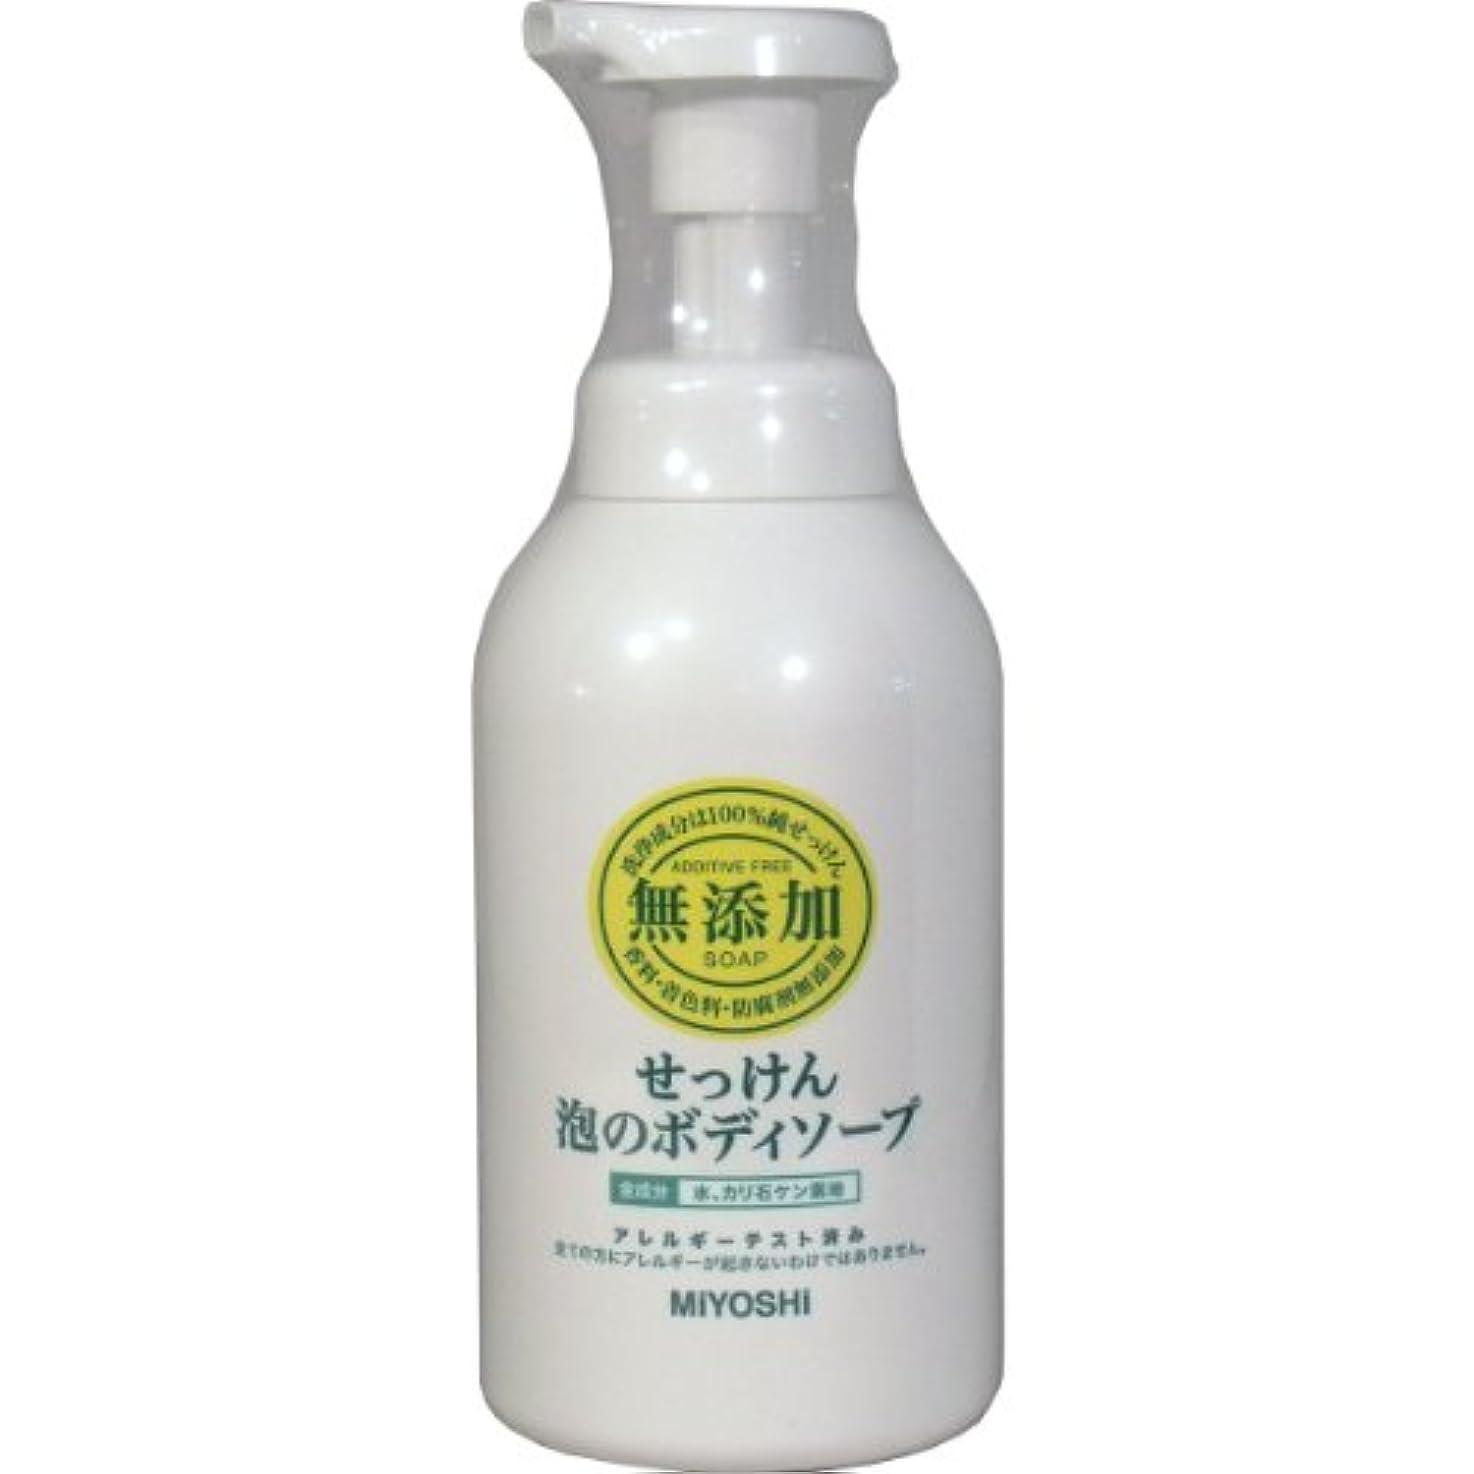 ナプキン最小髄【まとめ買い】ミヨシ 無添加 せっけん泡のボディソープ ポンプ 500ml ×2セット